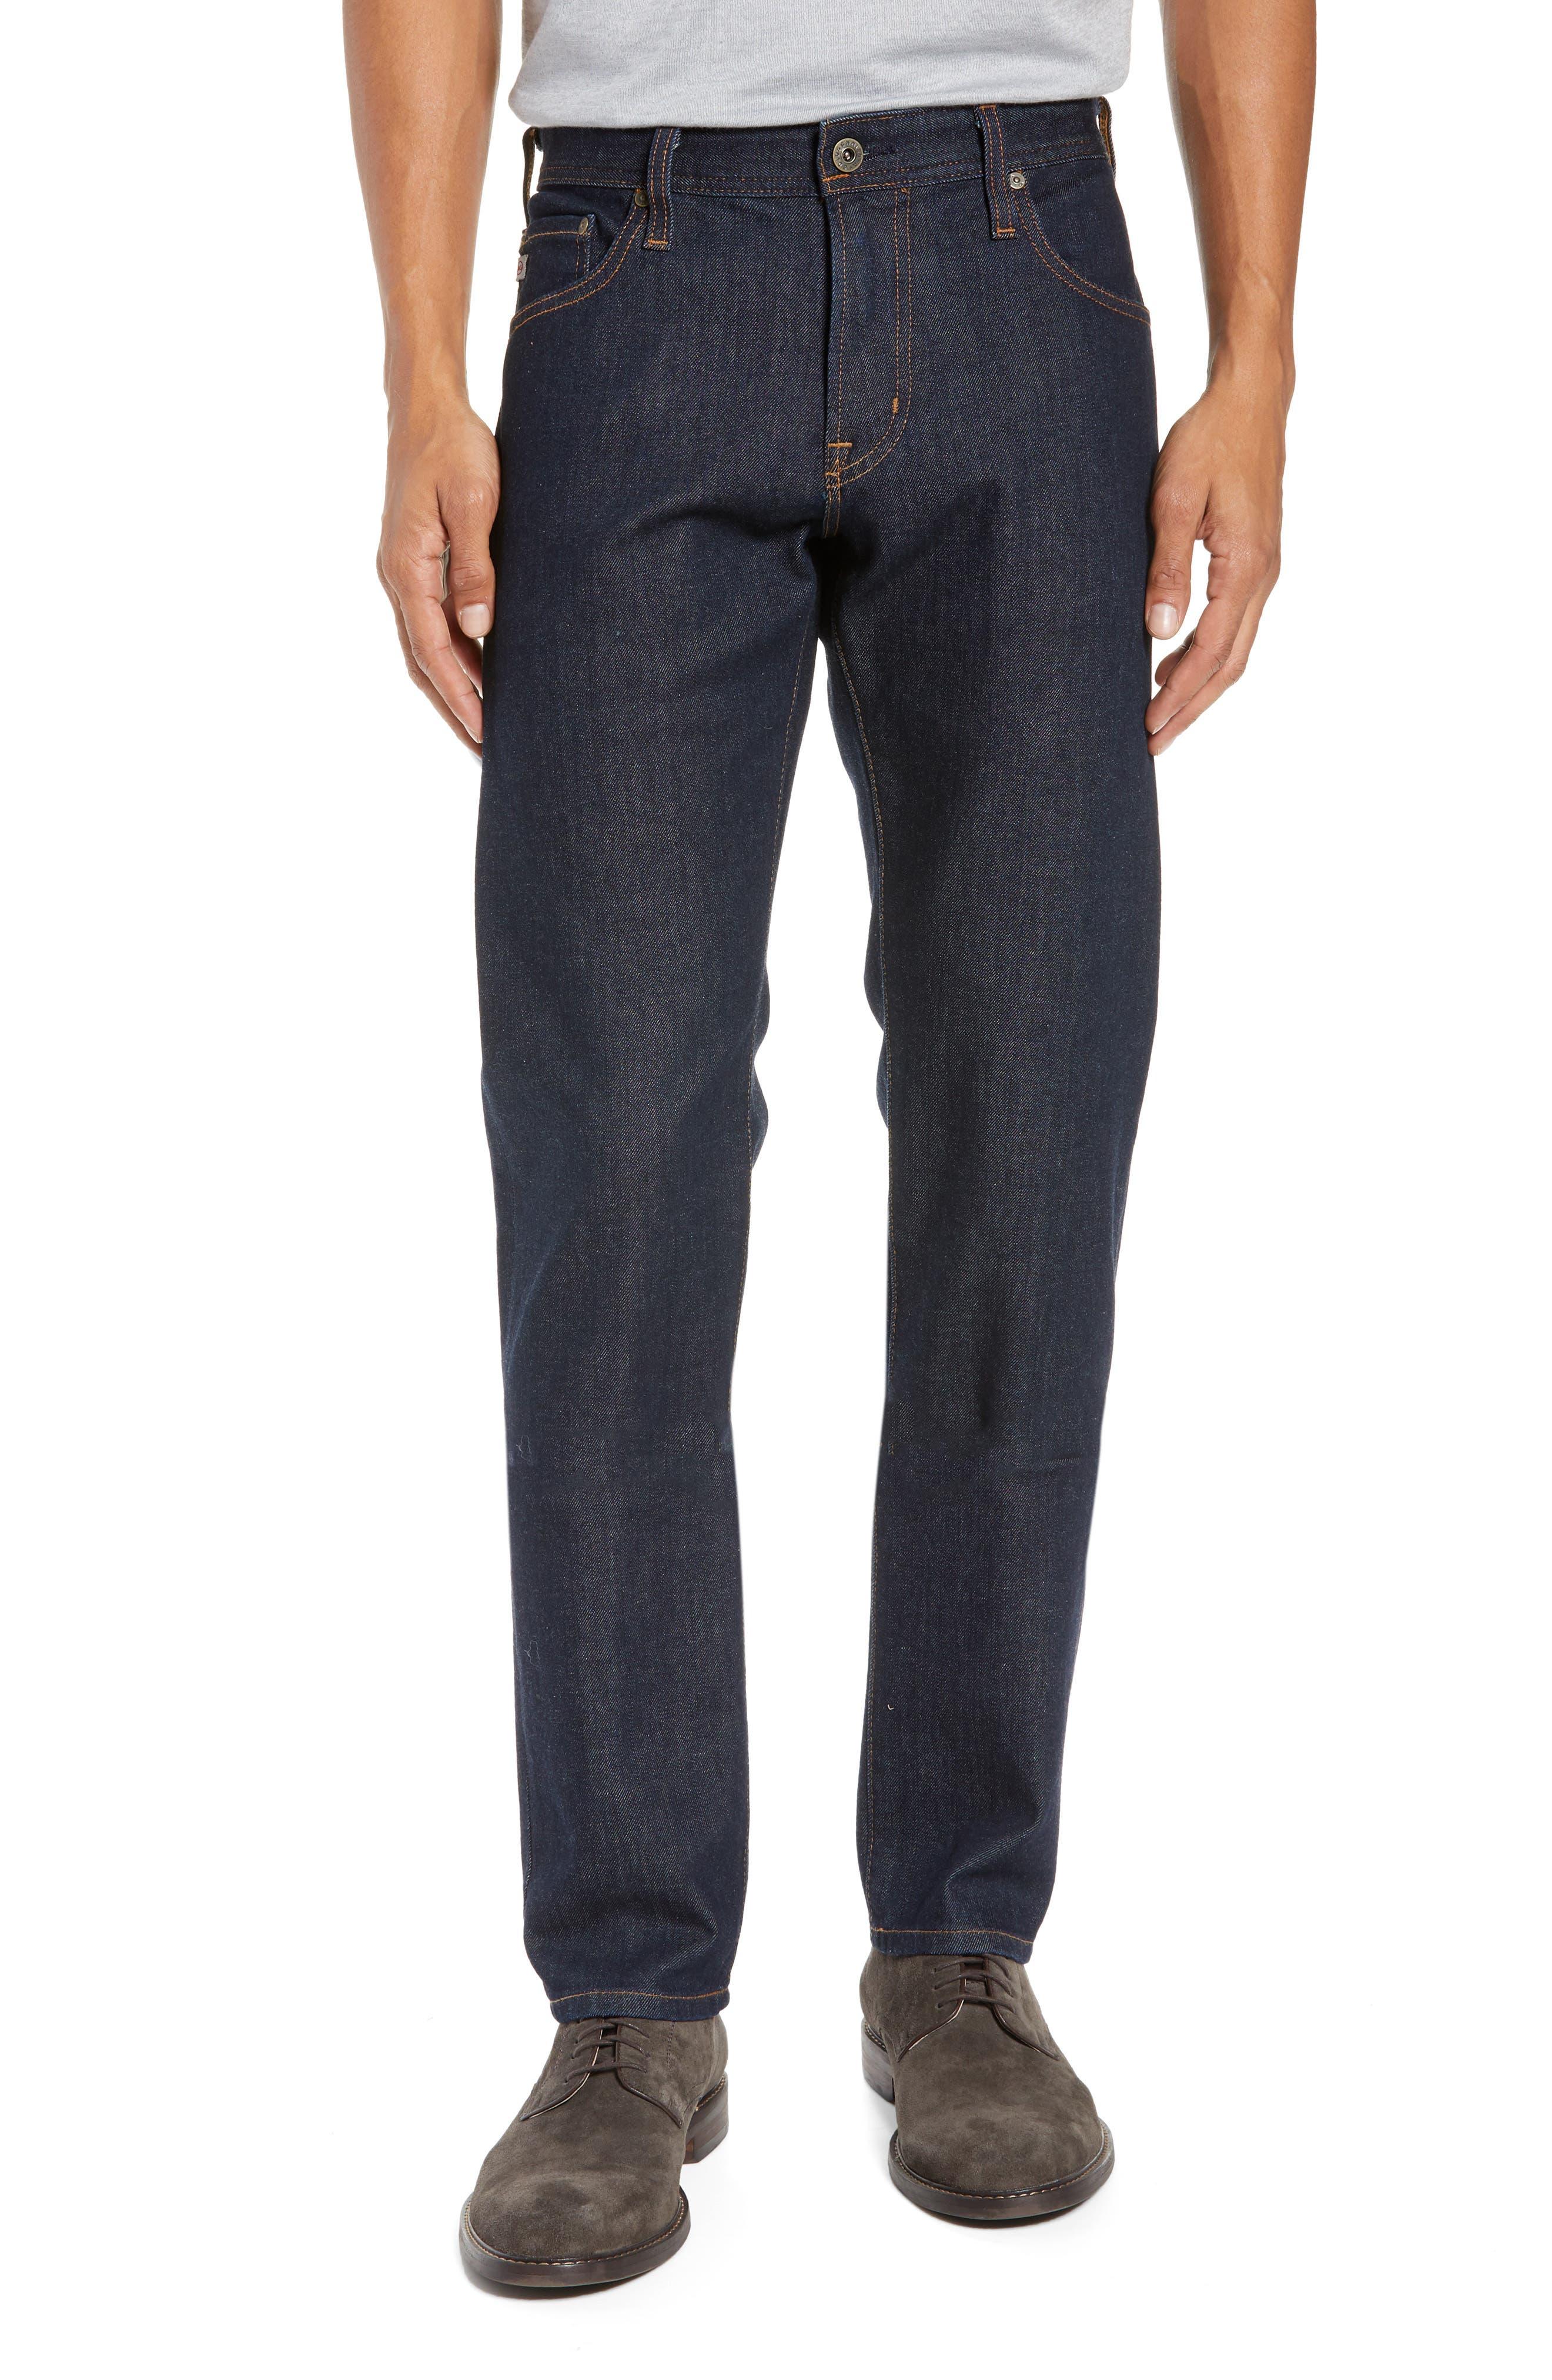 Tellis Slim Fit Jeans,                             Main thumbnail 1, color,                             PARTRIDGE